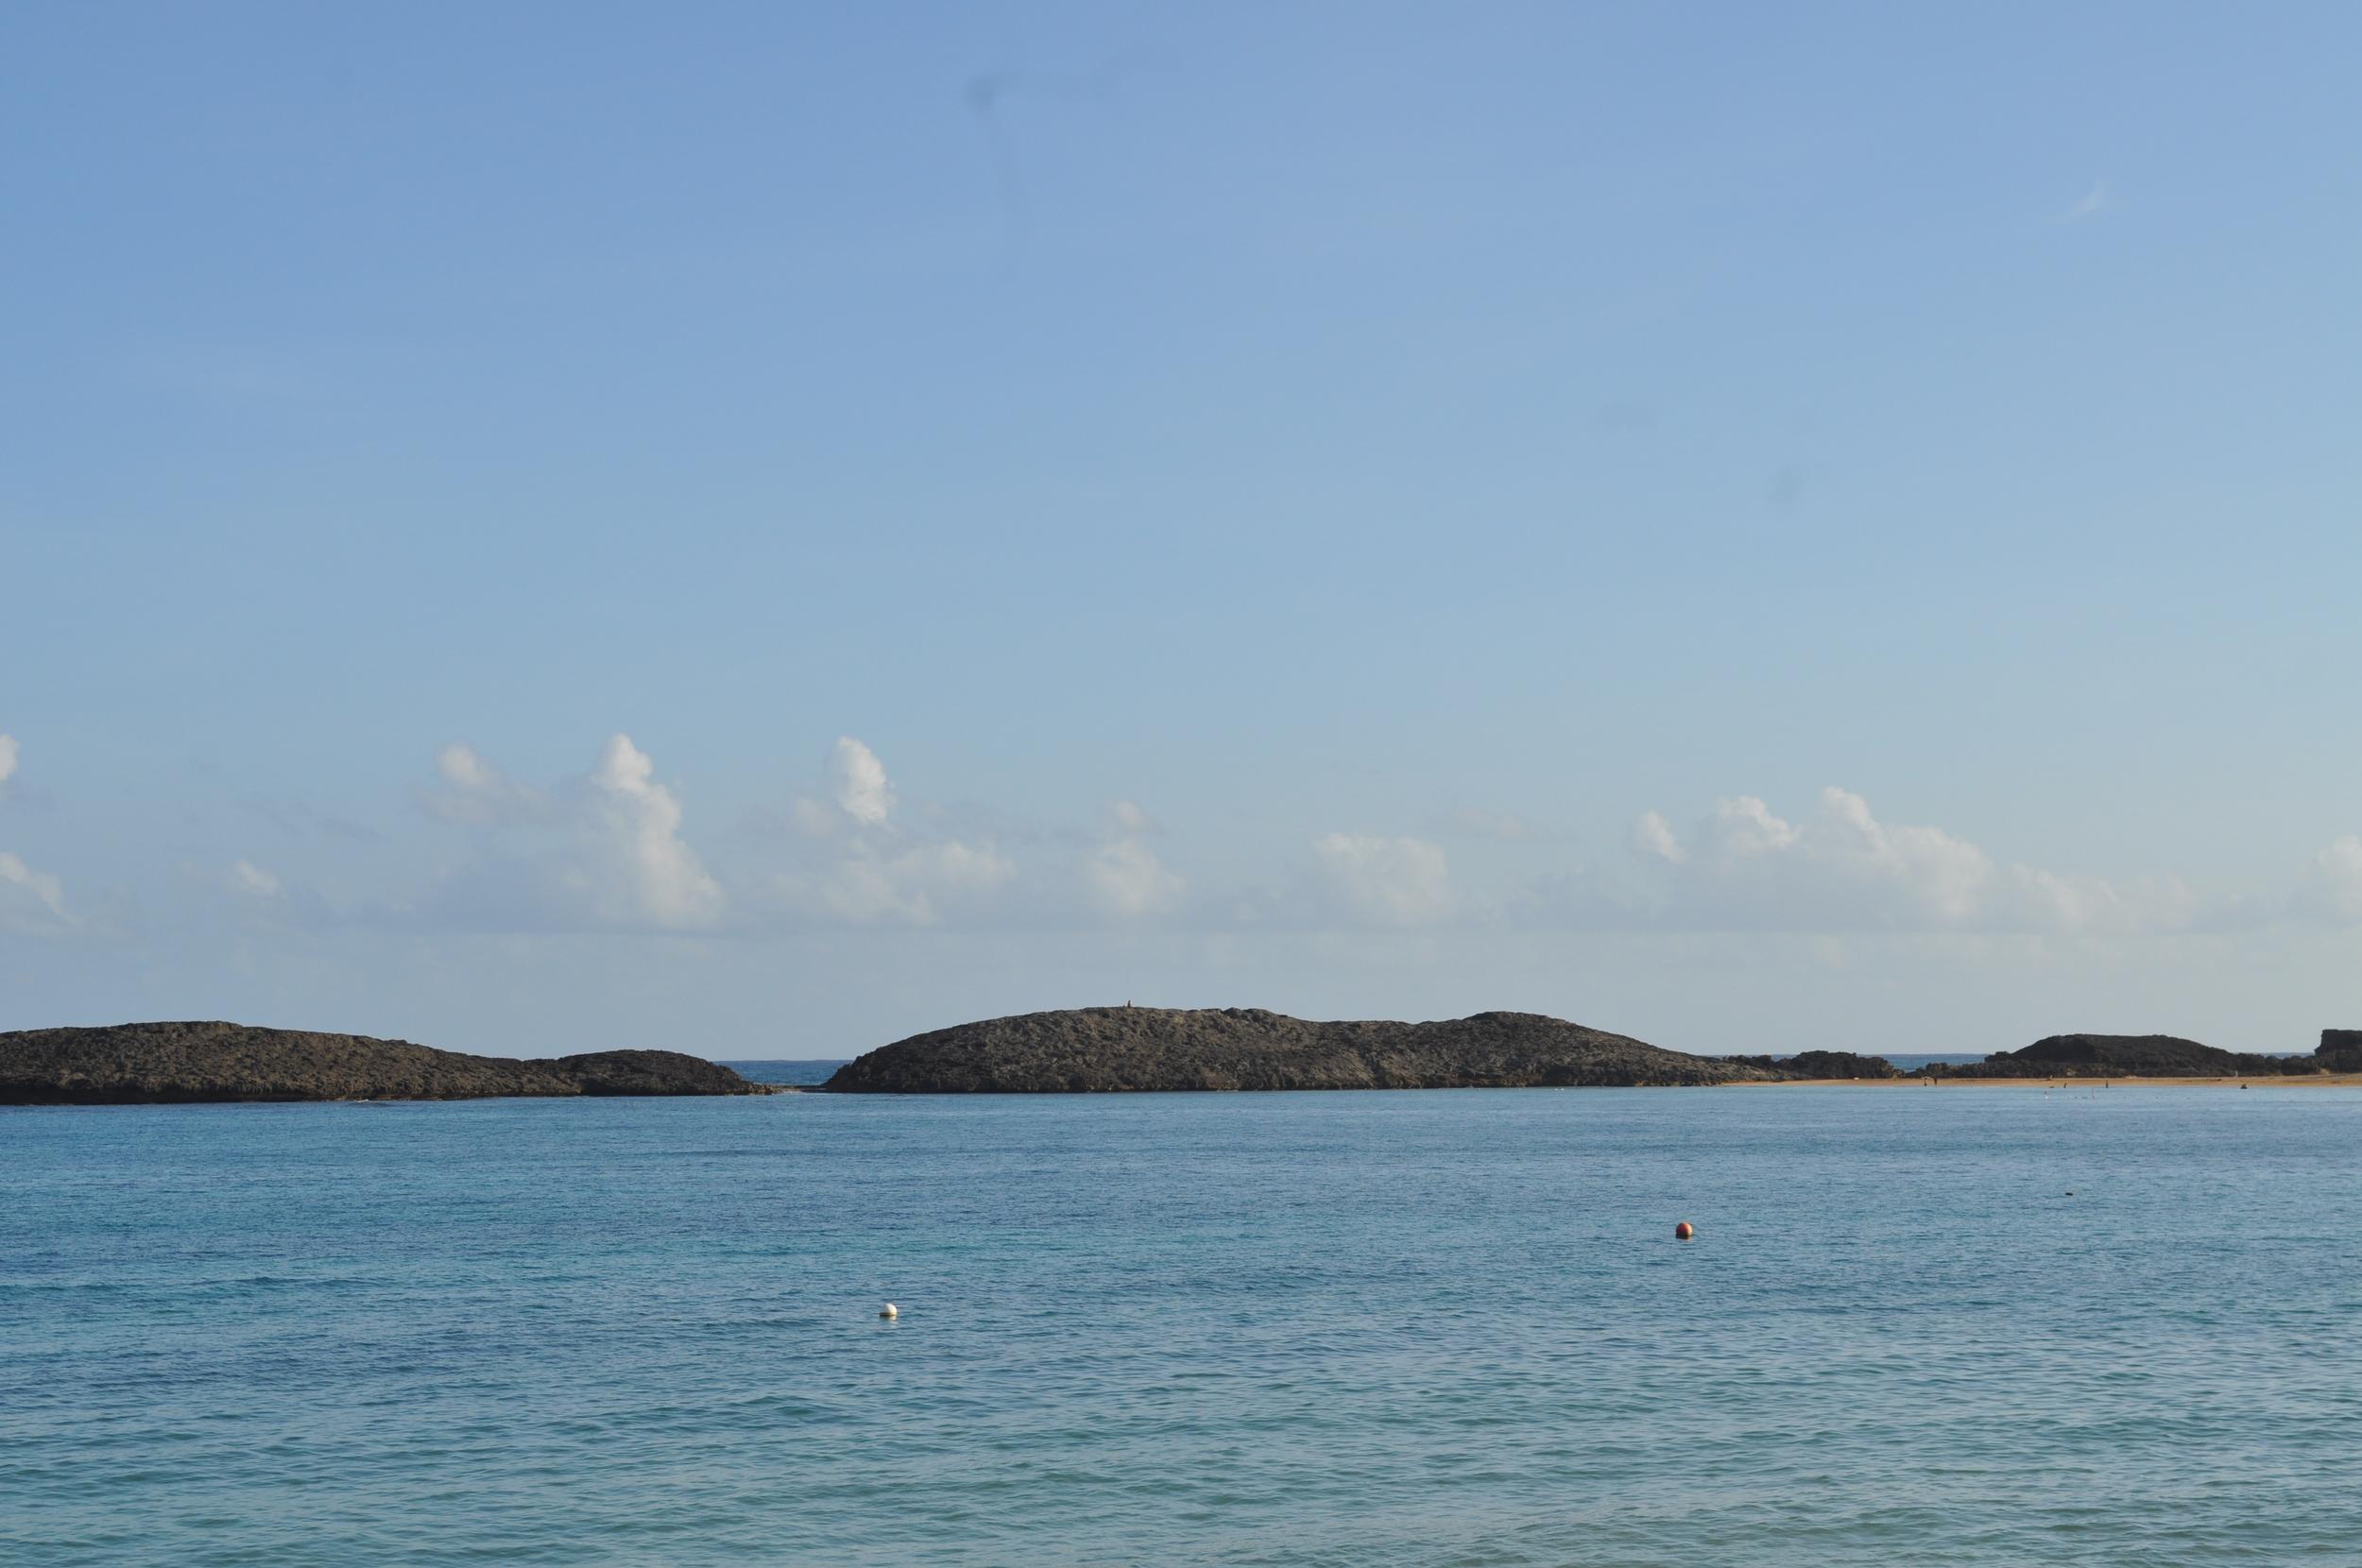 La playa Puerto Nuevo es casi una bahía durante el verano, por la tranquilidad de sus aguas. Foto: Pamy Rojas